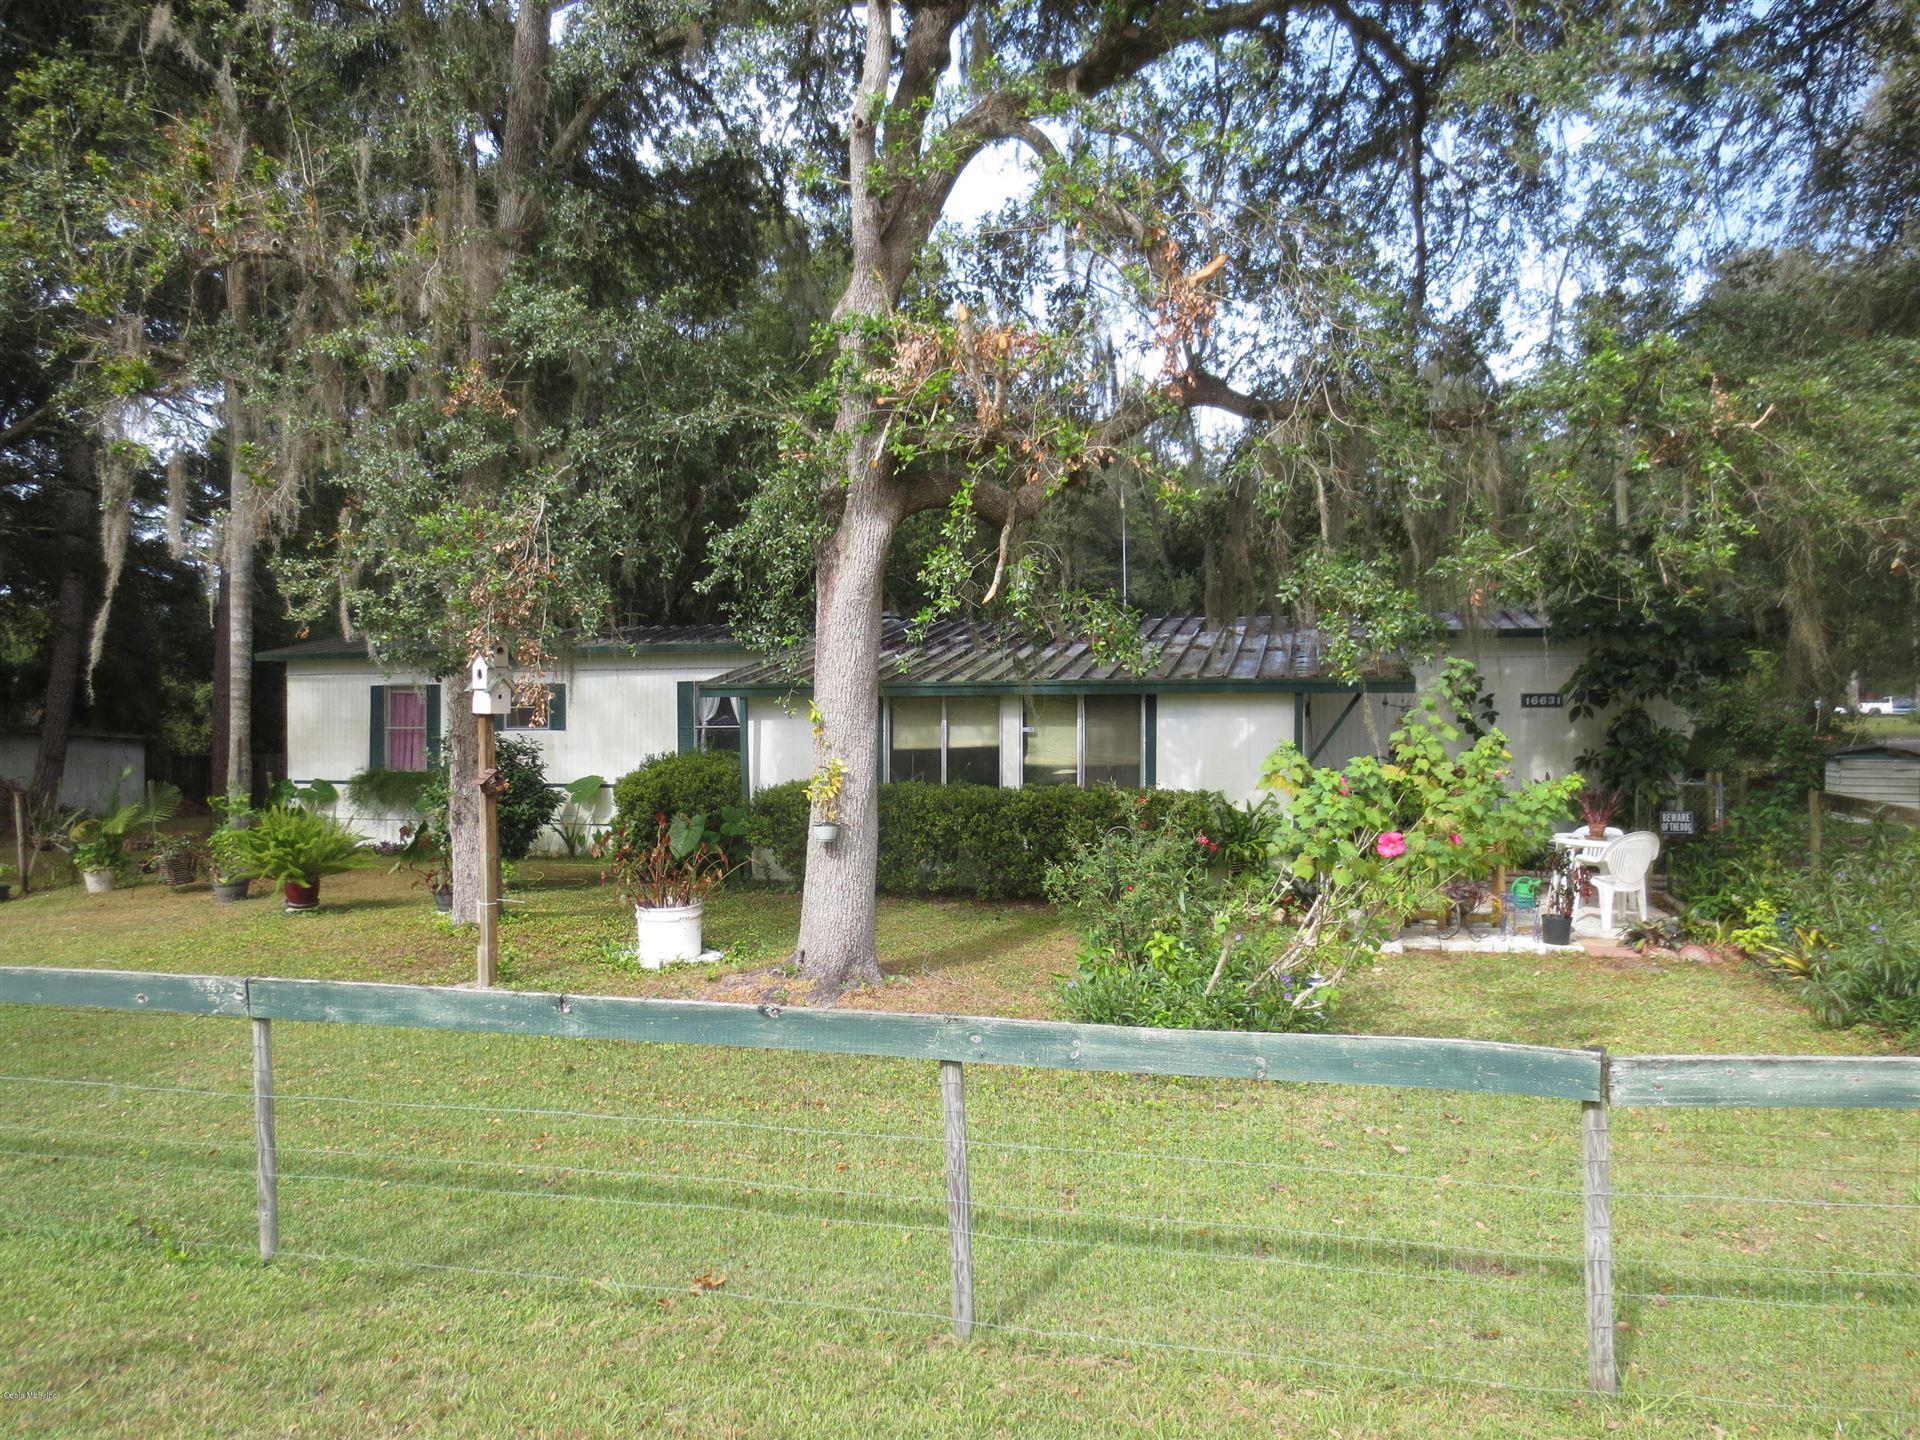 16631 E Fort King Street, Silver Springs, FL 34488 - MLS#: 567385